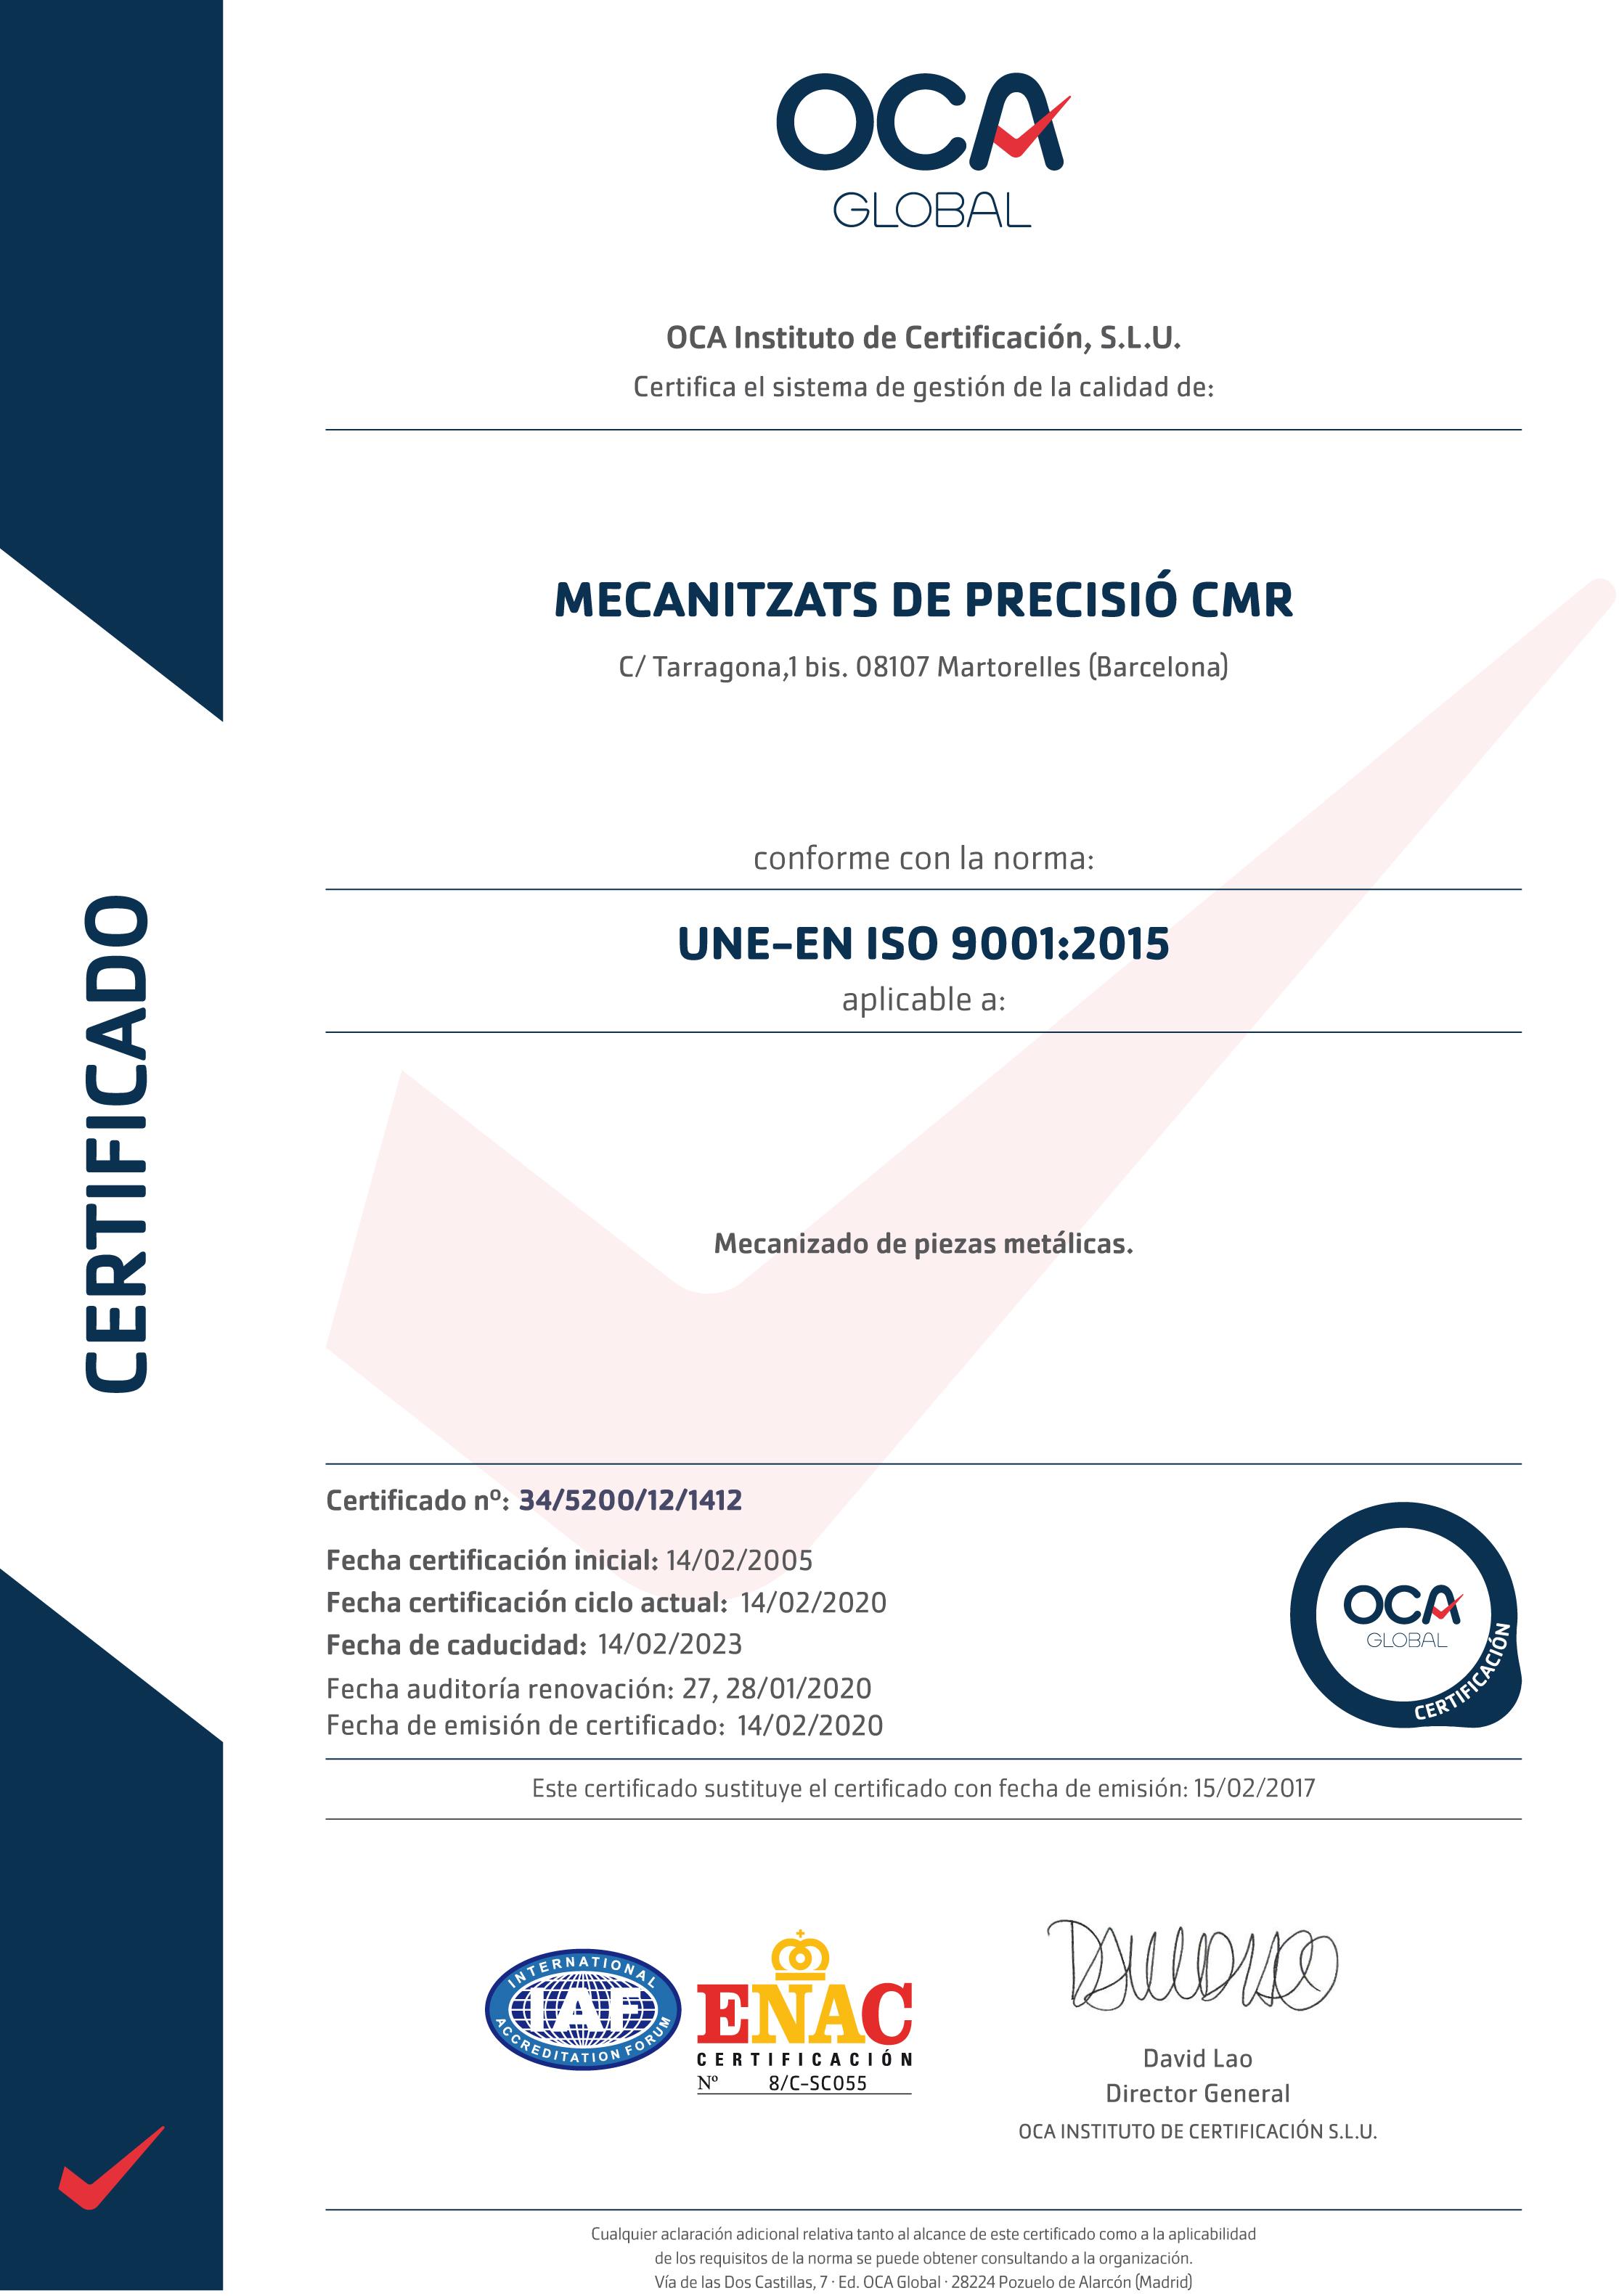 Certificado UNE-EN ISO 9001:2015 Mecanizados CMR